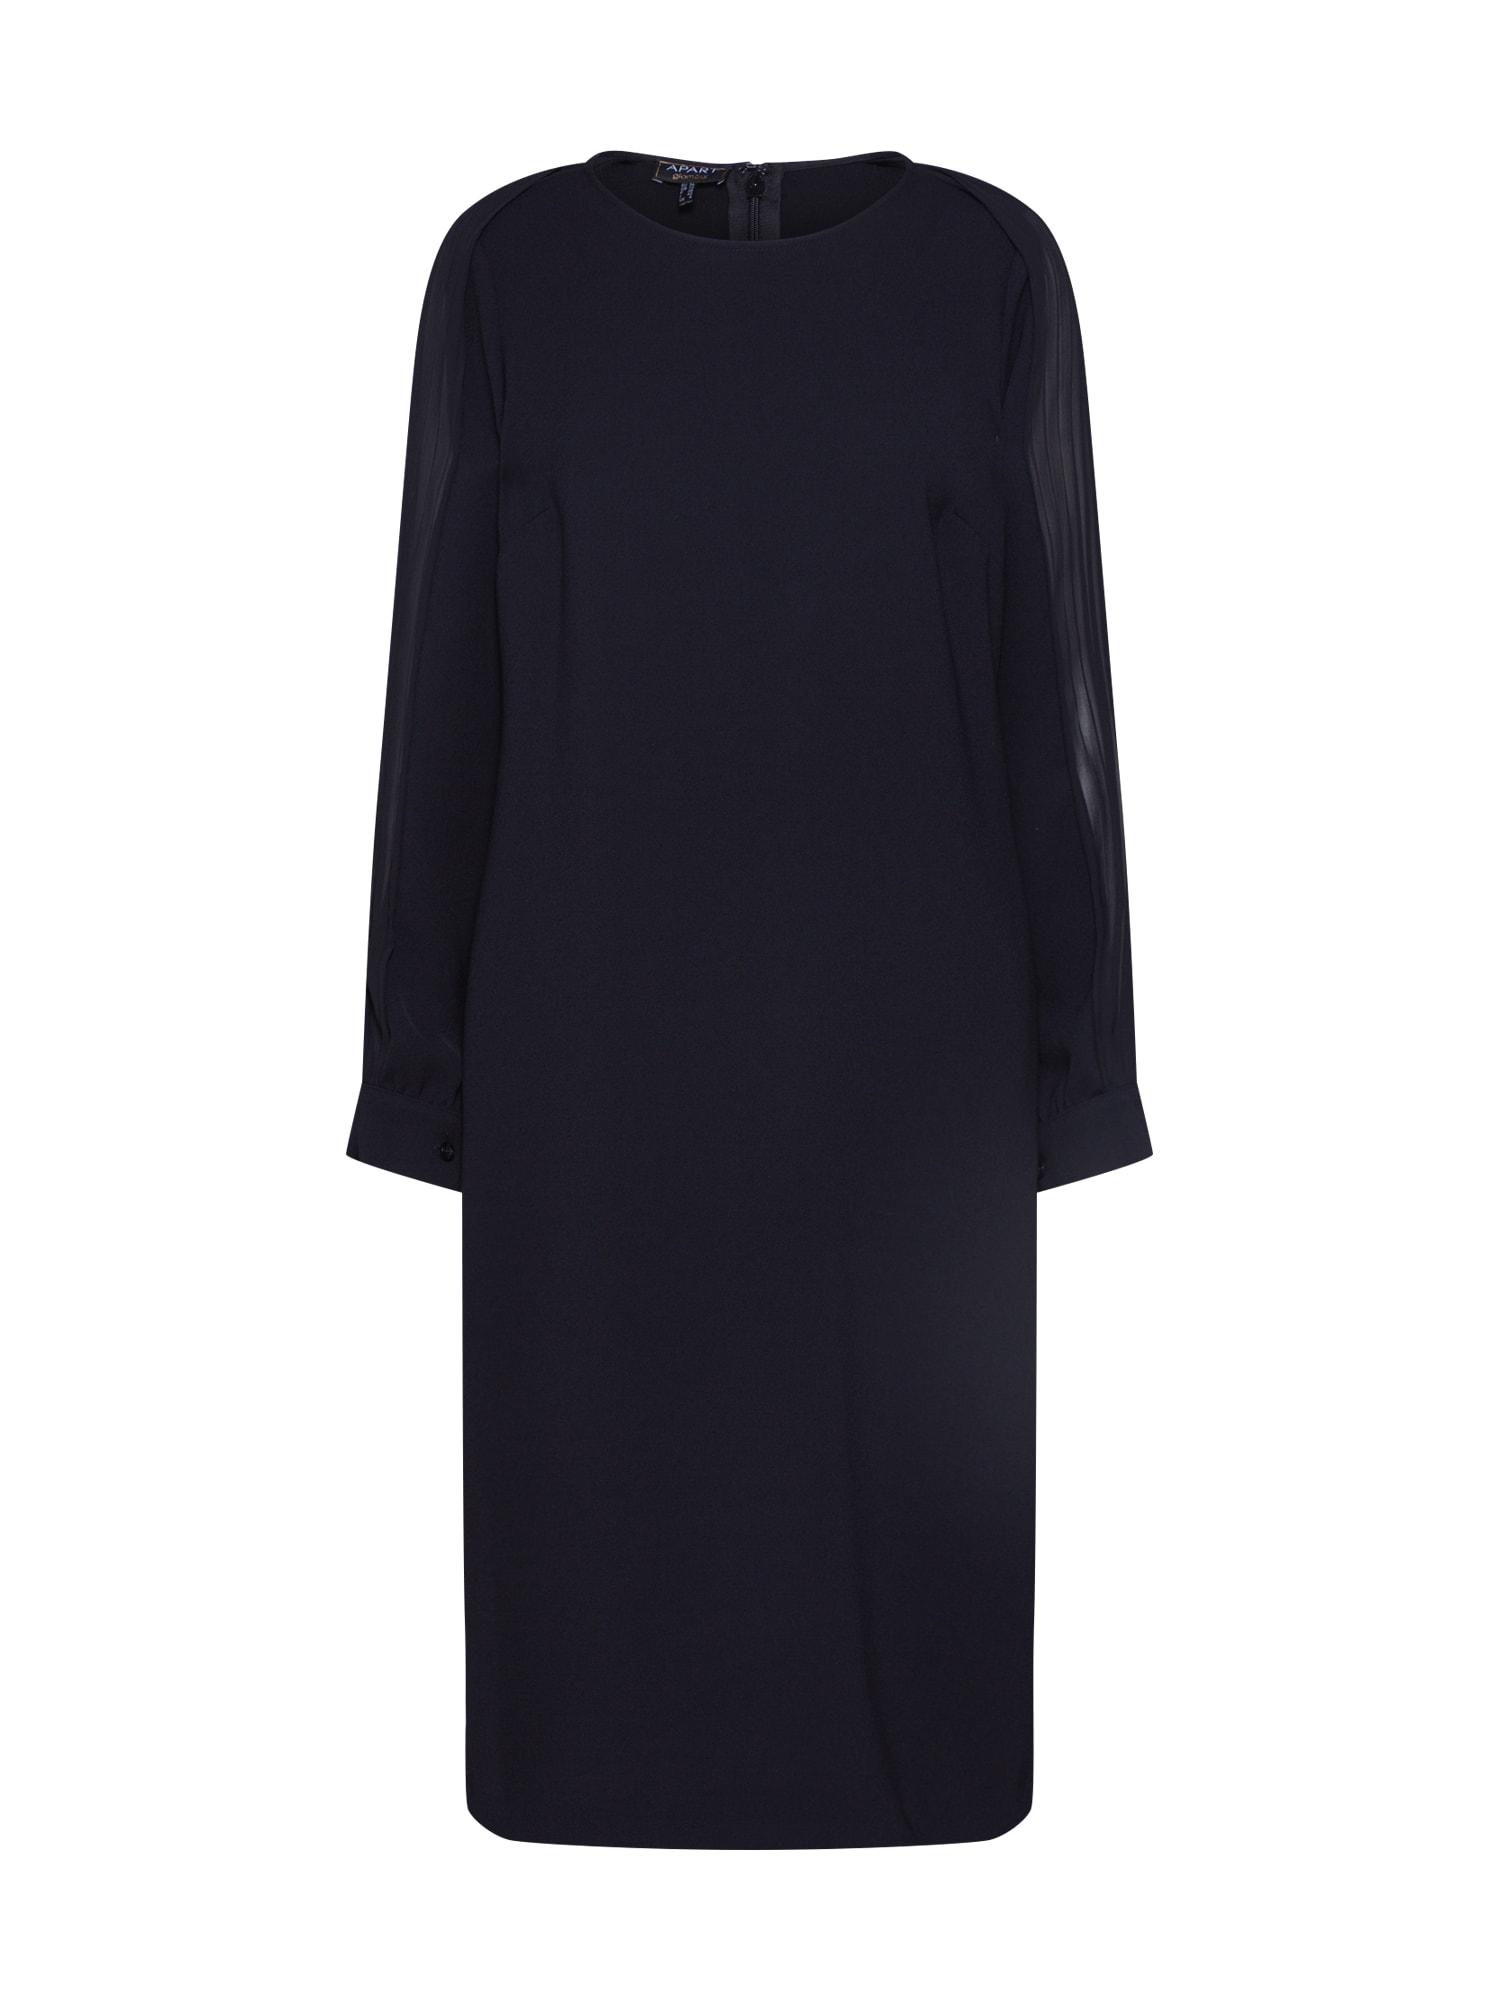 APART Kokteilinė suknelė juoda